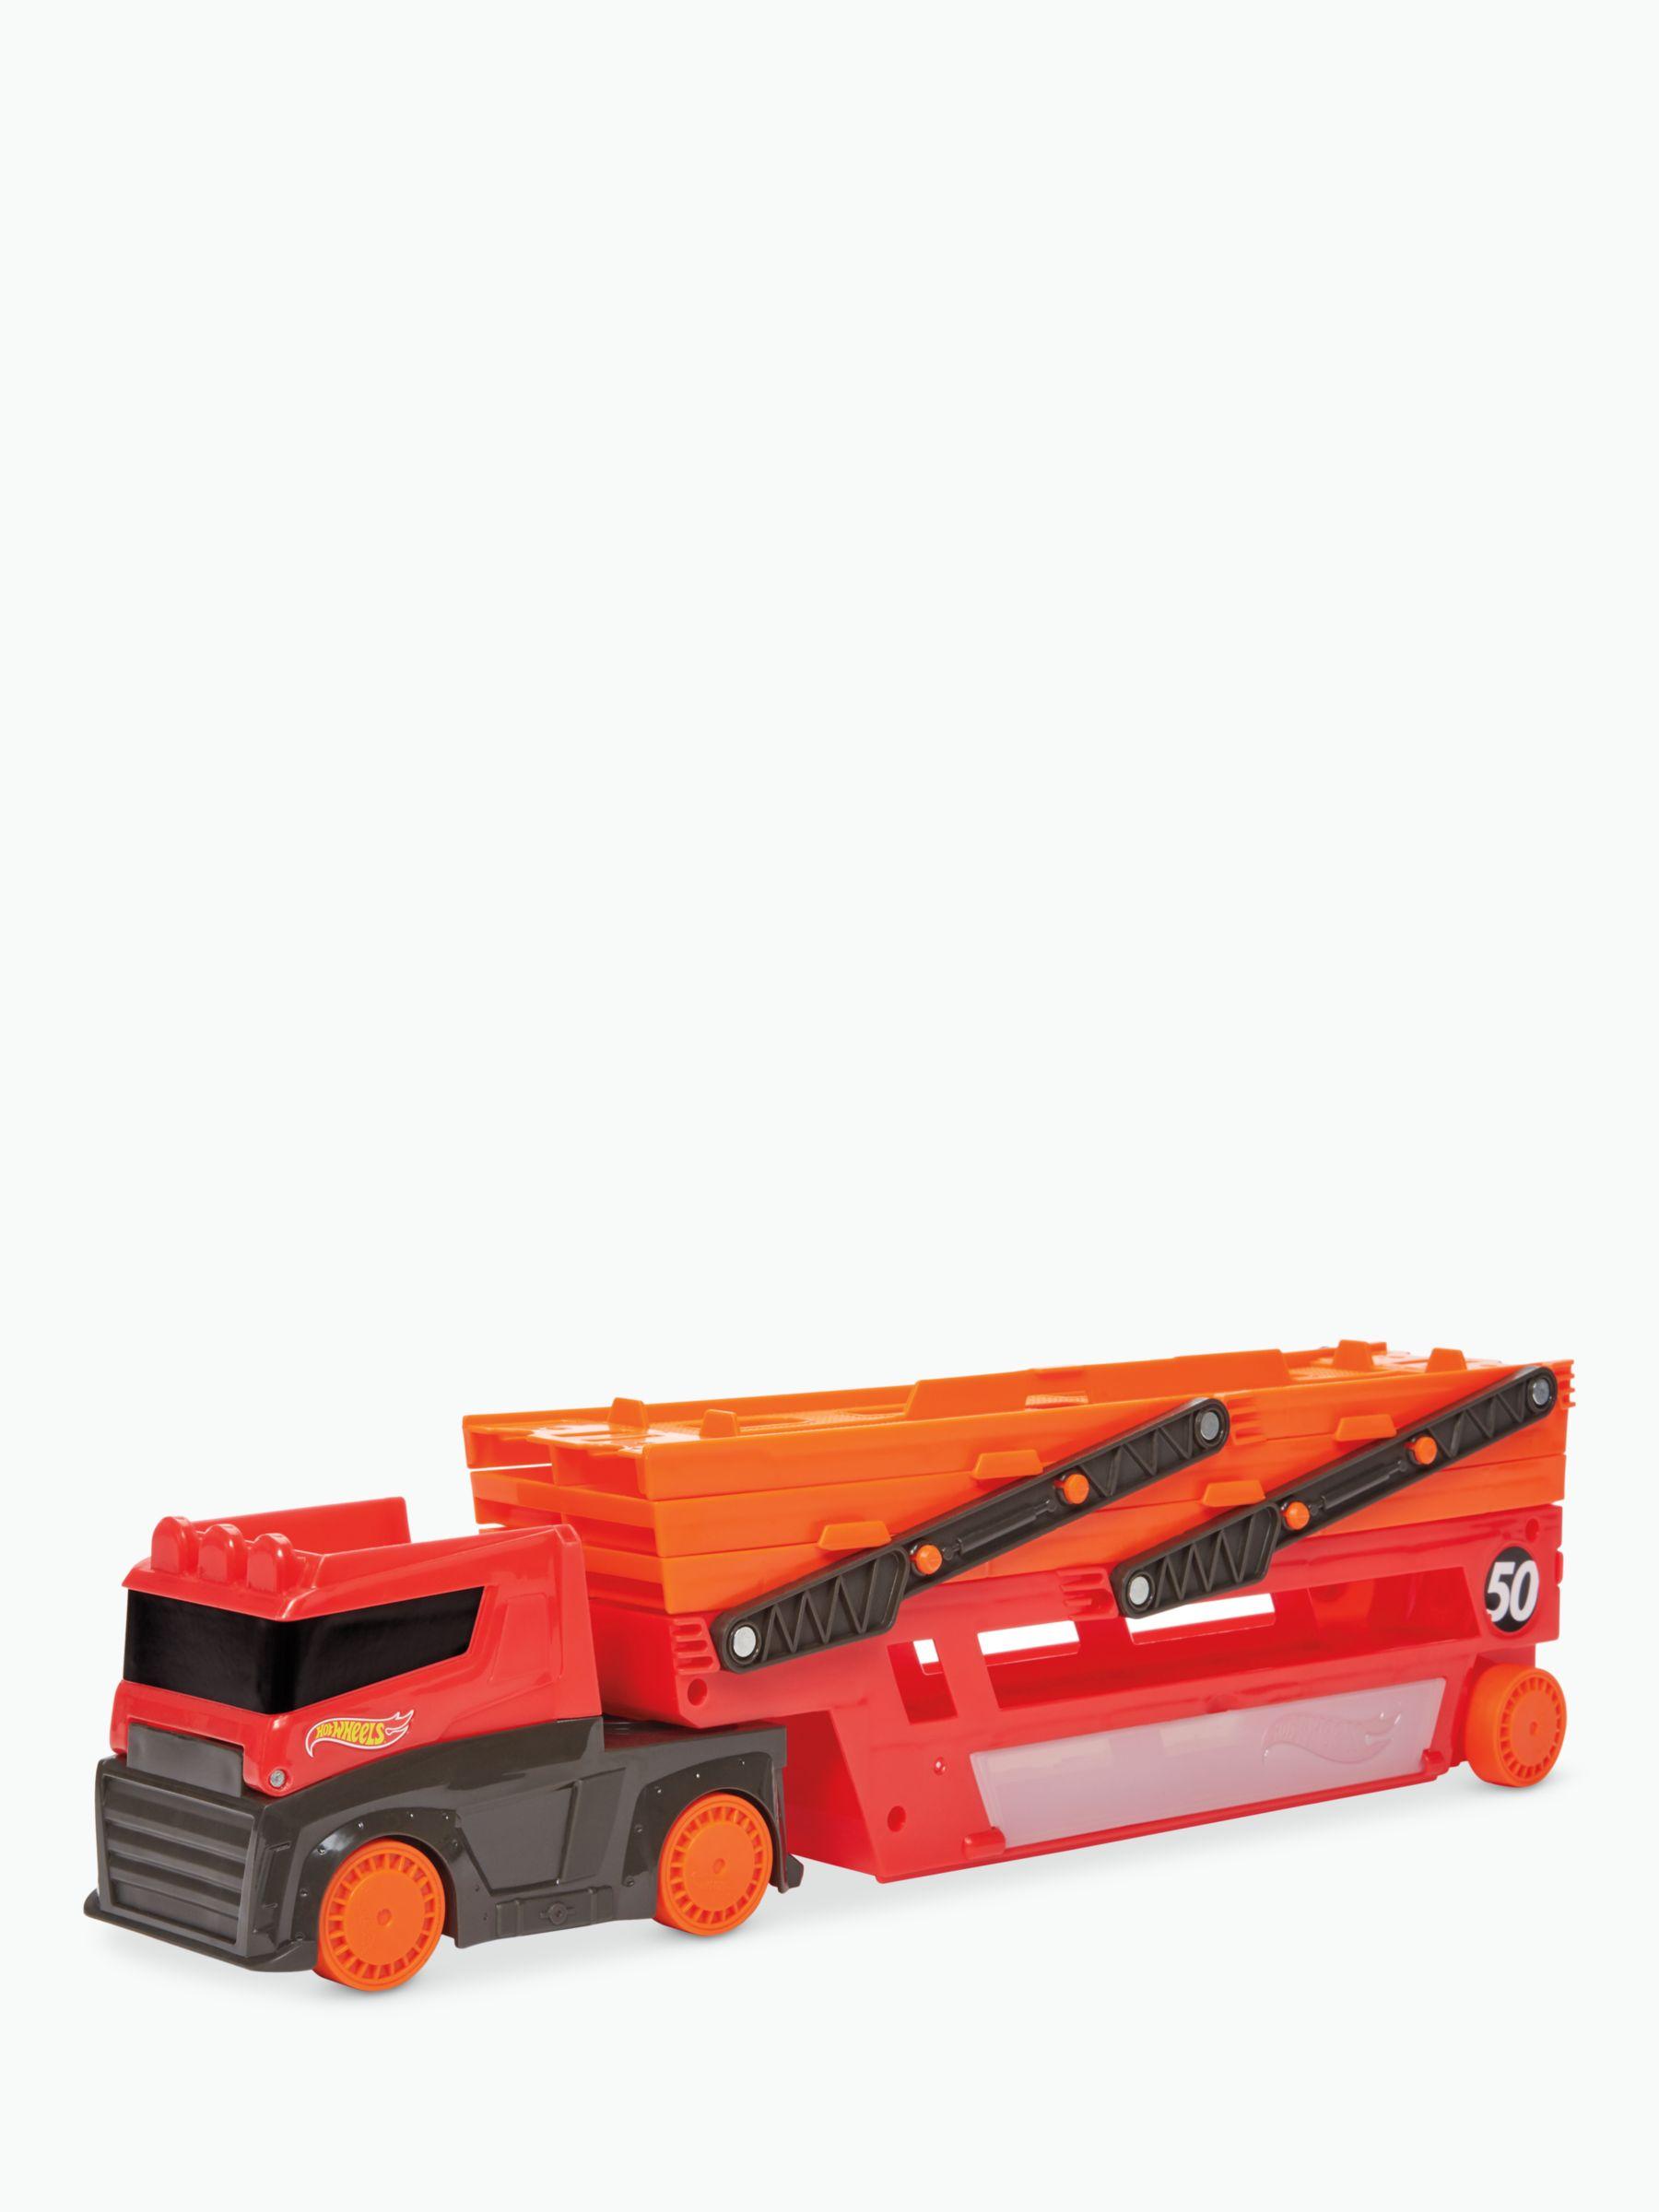 Hot Wheels Hot Wheels 50-Car Mega Hauler